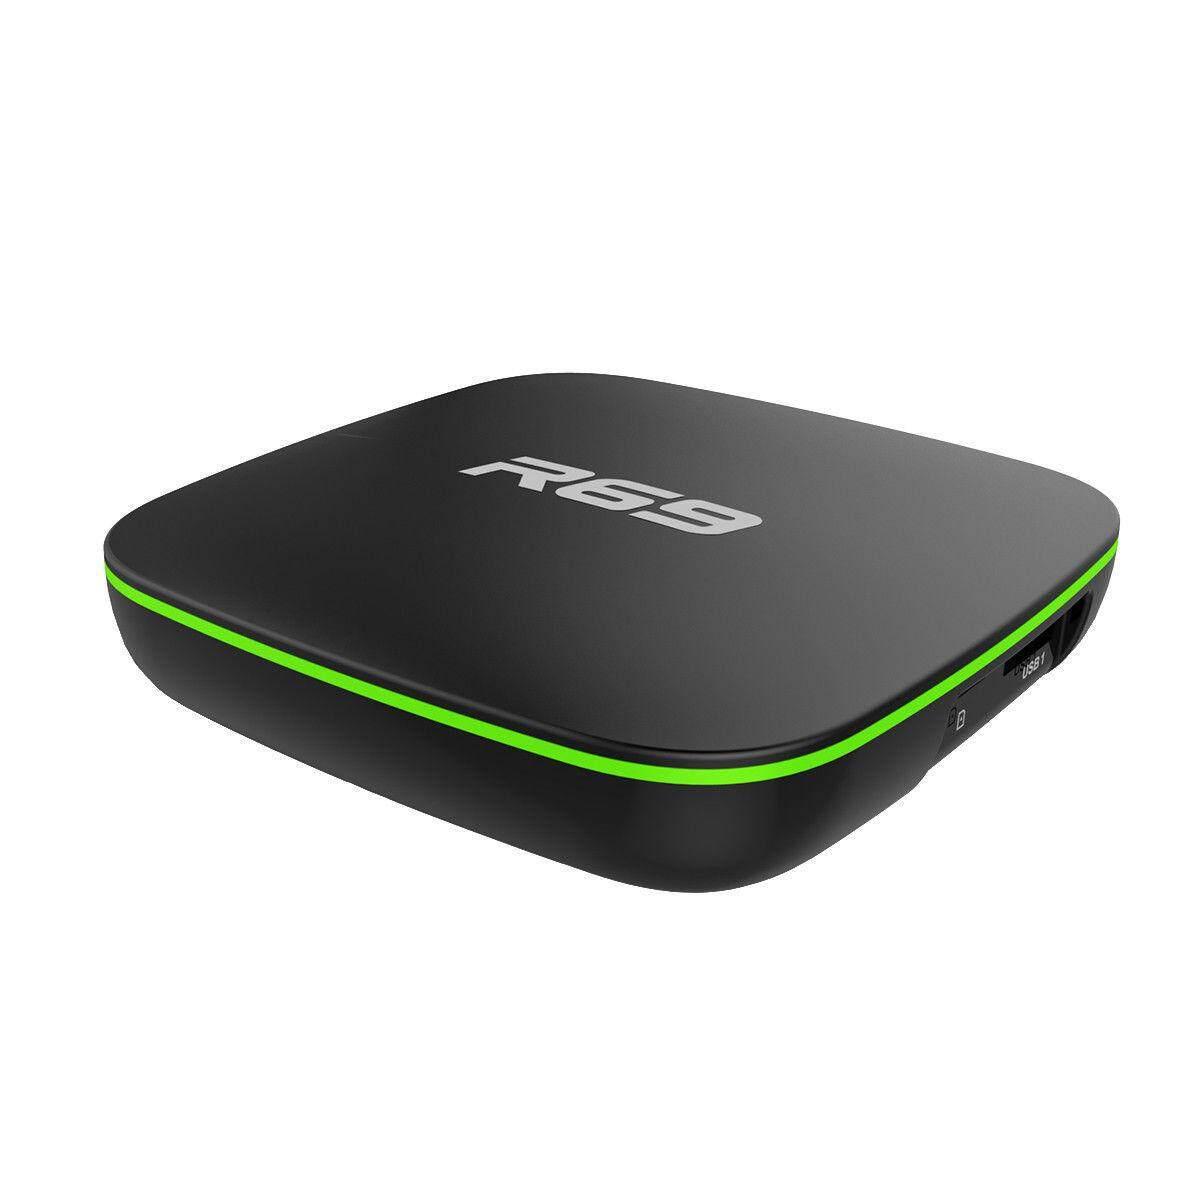 อุตรดิตถ์ R69 Android 6.0 Smart TV Box 1G + 8G 4K WiFi Quad Core Midea Player AB ( Shoptoyou )